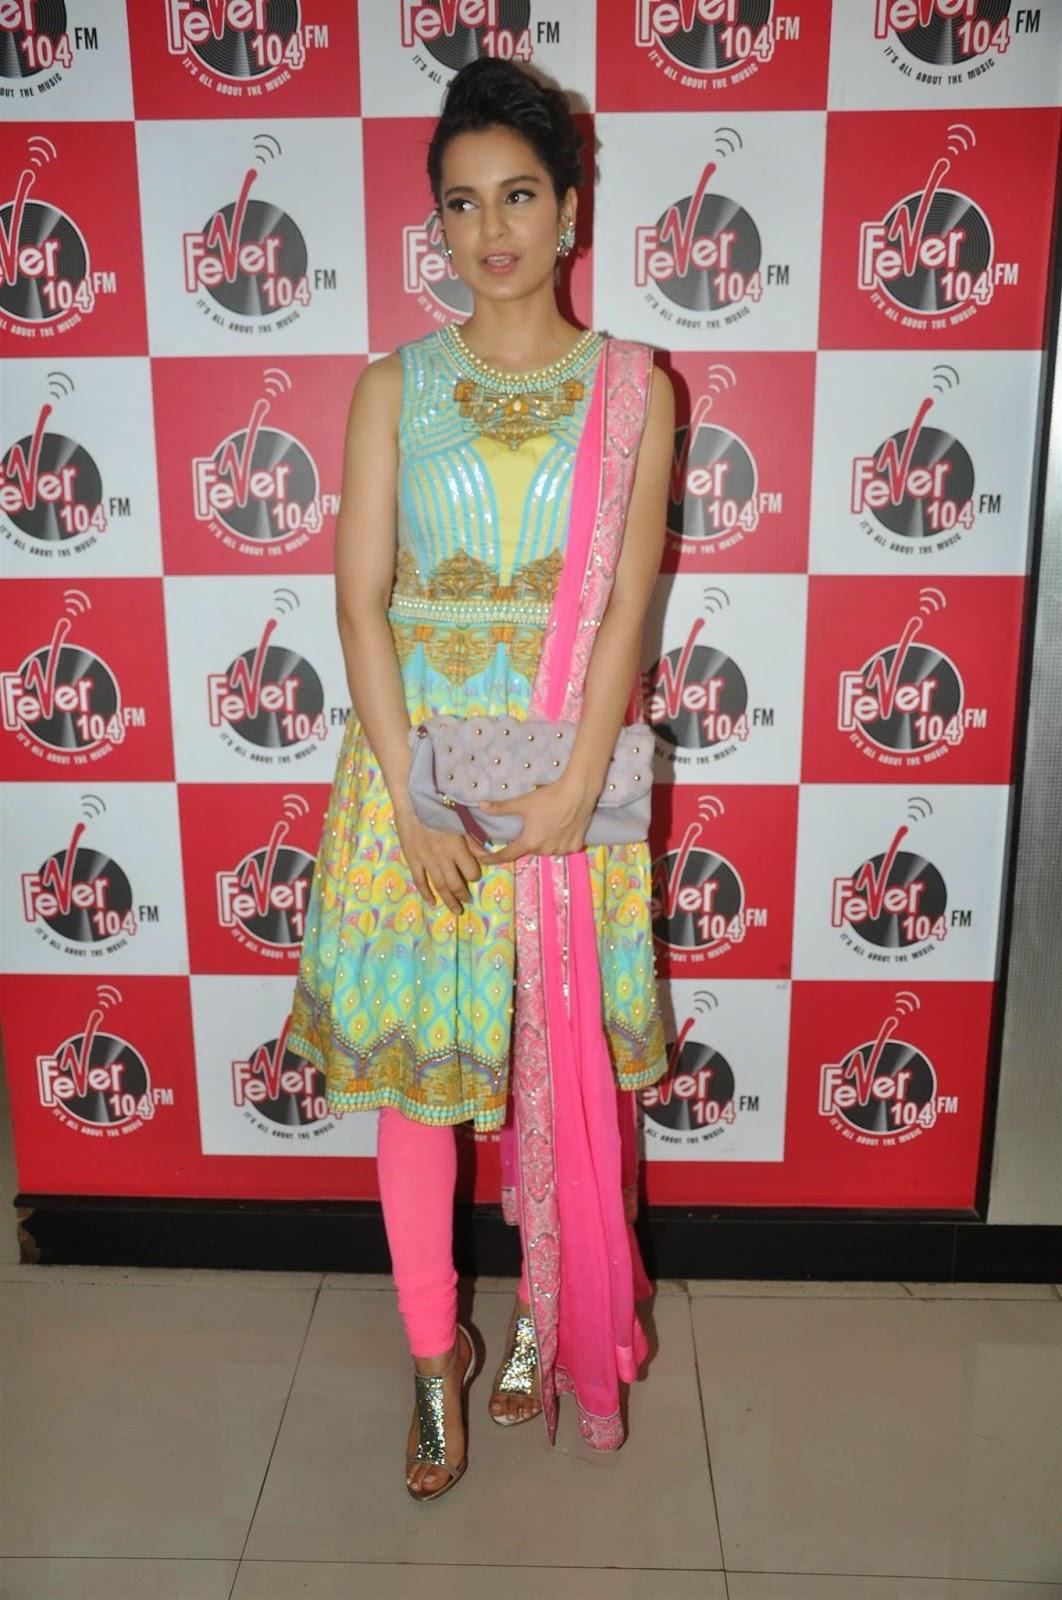 Mirchi Stills: Kangana Ranaut Promotes Queen Movie At Fever 104 FM